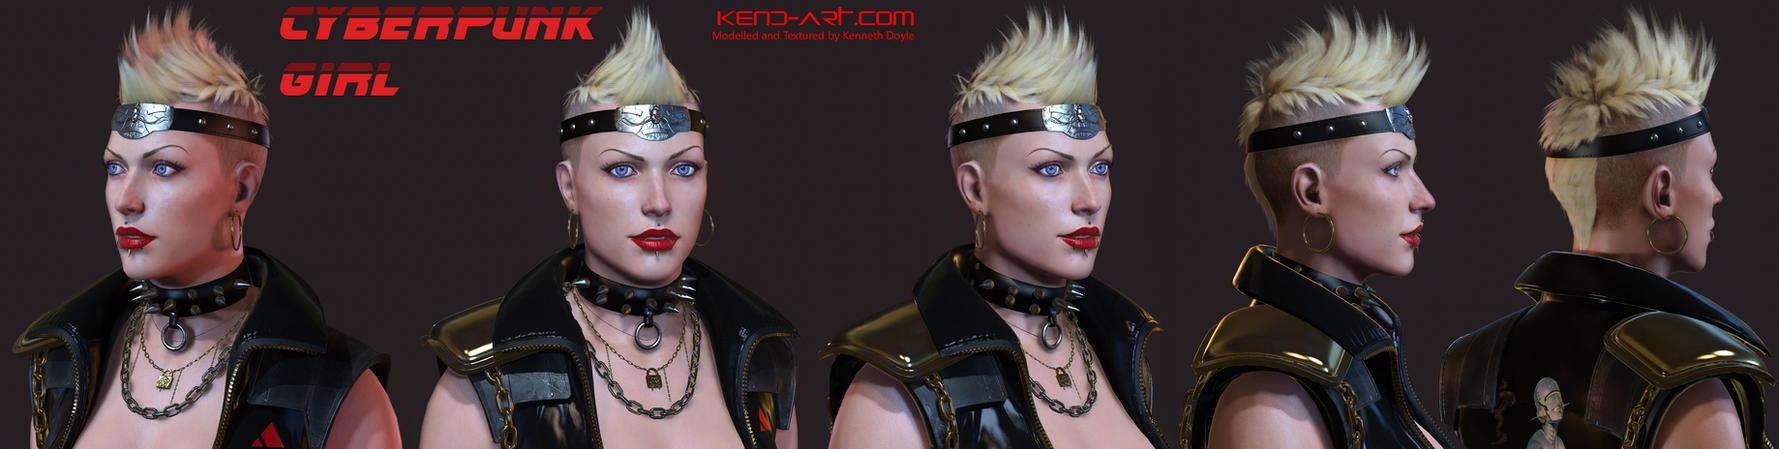 Cyberpunk girl head shots by kdoyle9